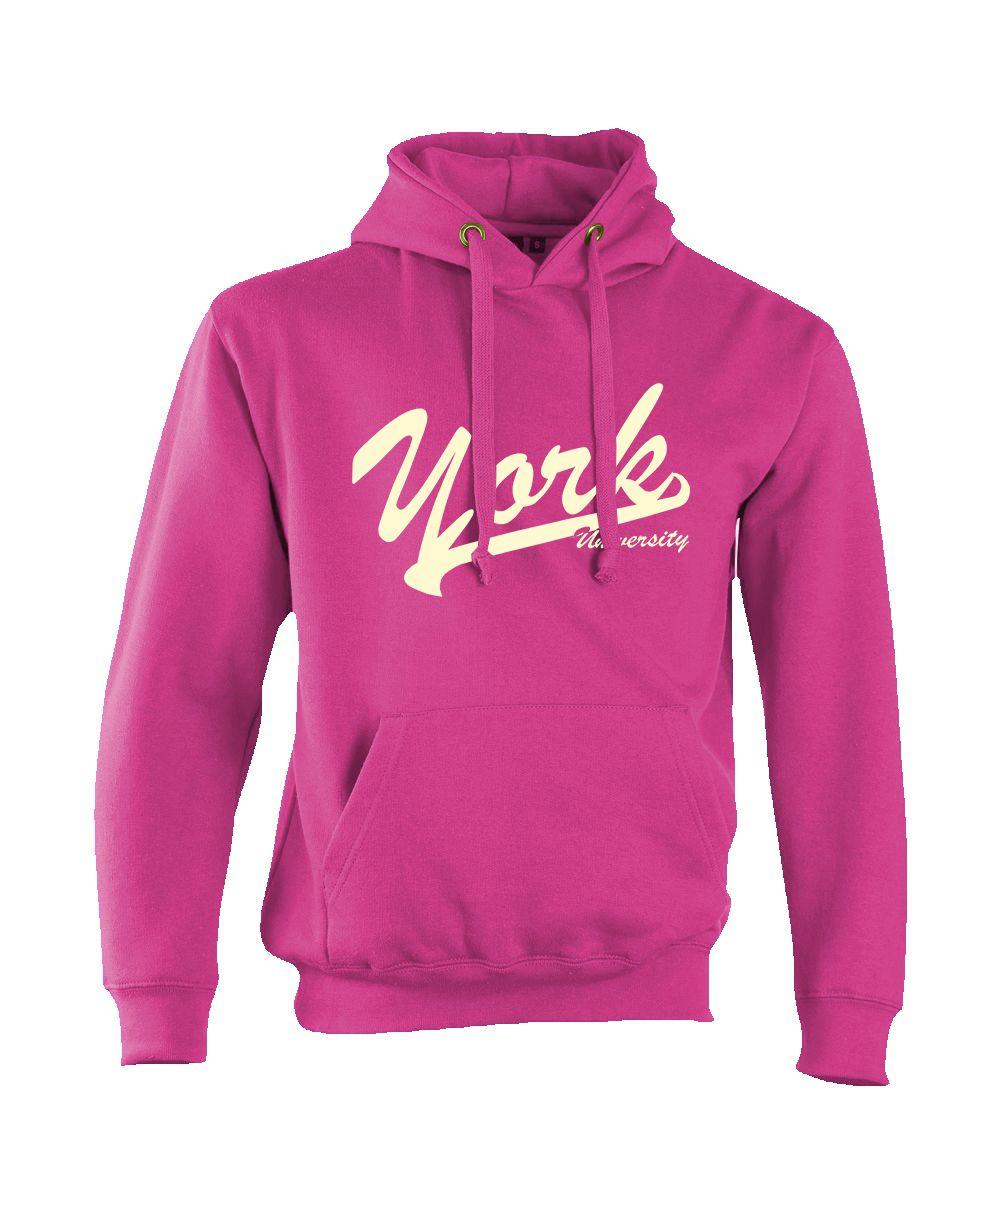 Yorku Sweaters 60